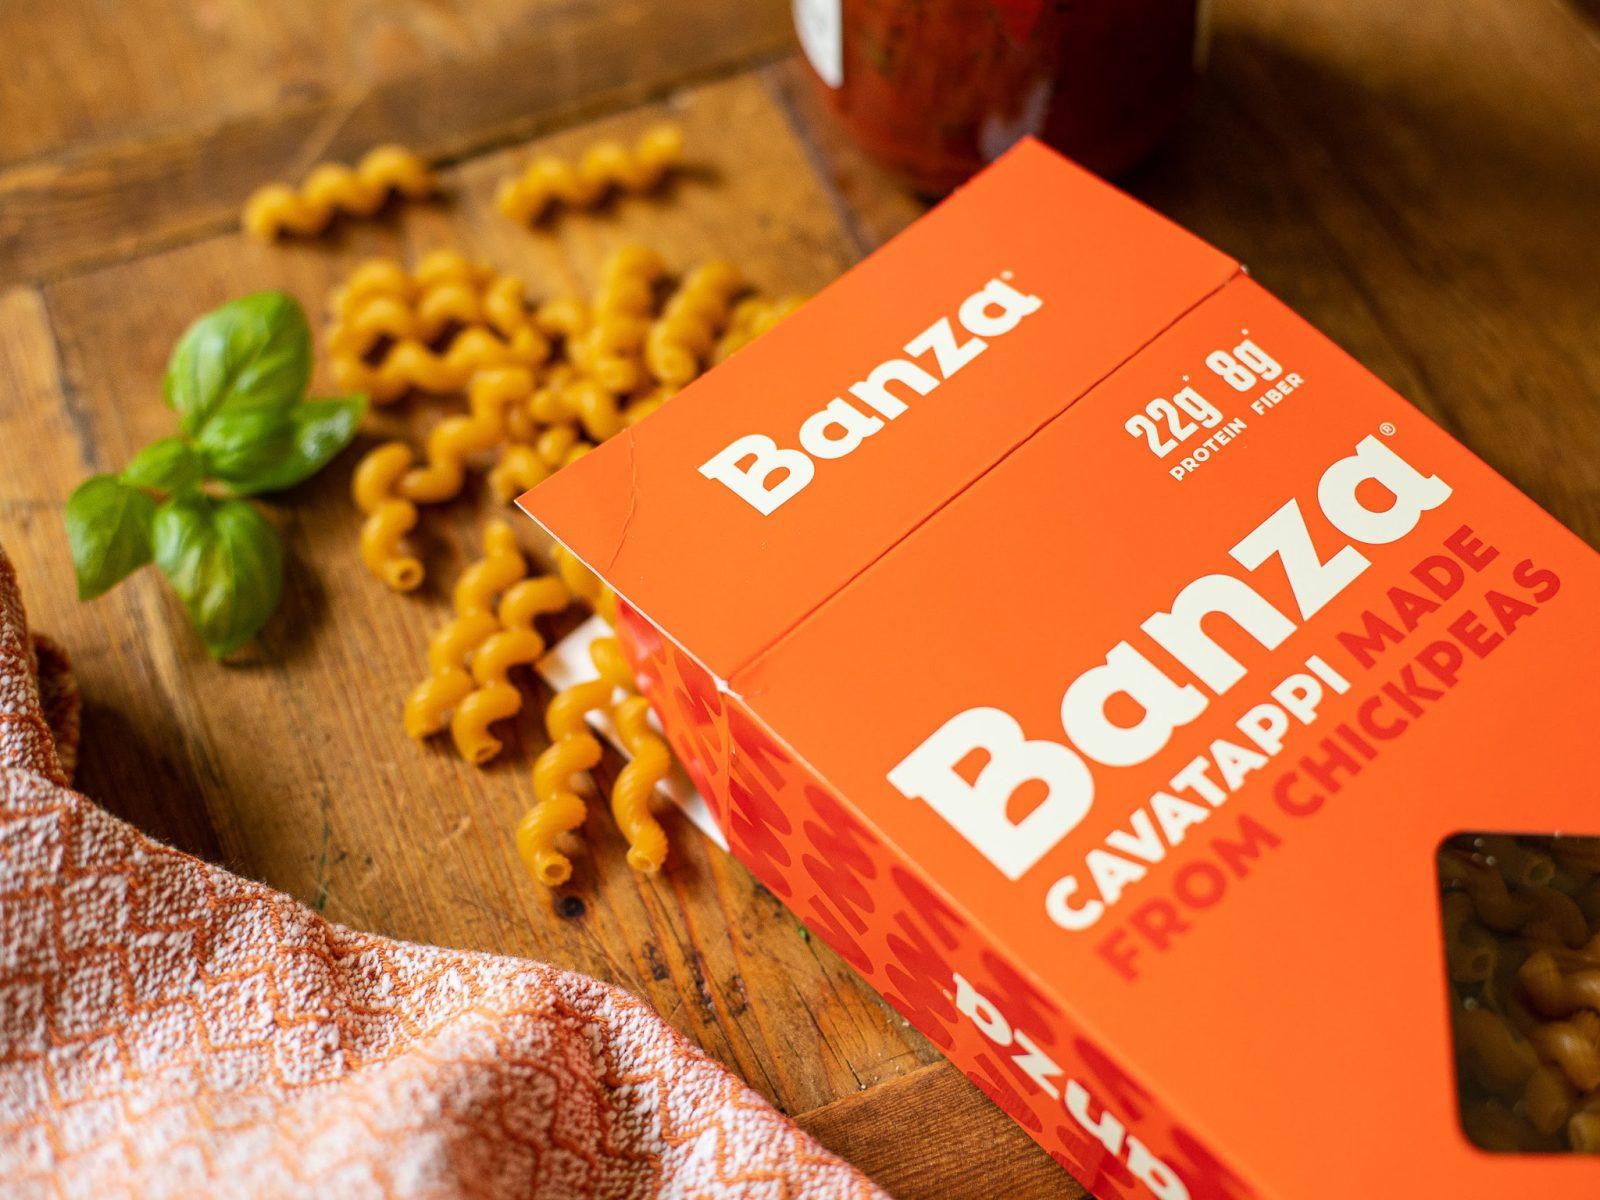 Banza Pasta Just $1.99 At Publix (Regular Price $3.69) on I Heart Publix